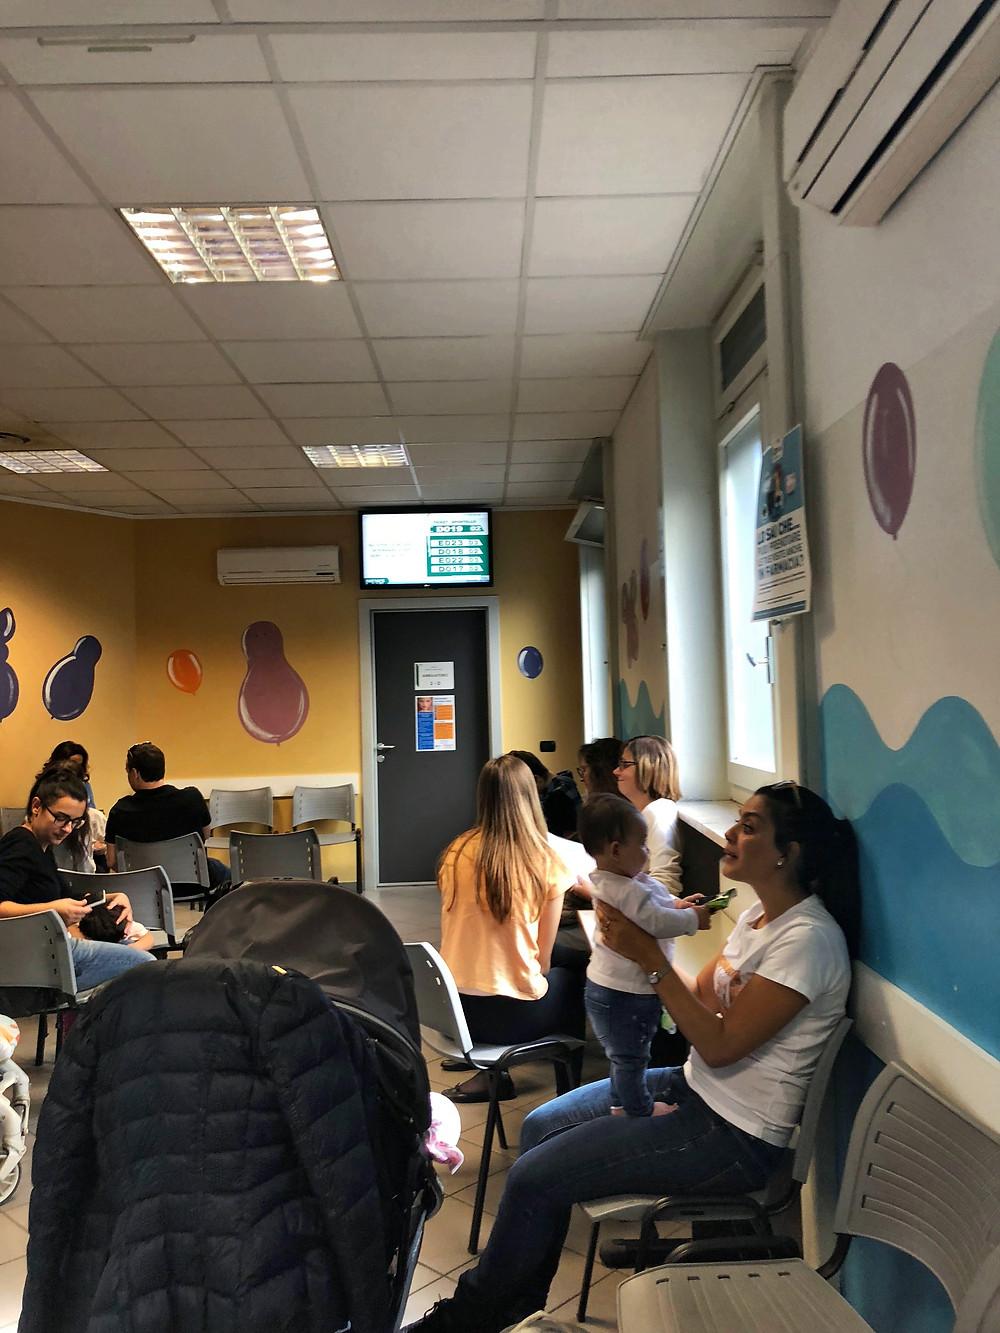 Жить в Италии. ВНЖ. Как переехать в Италию. Медицина Италии. Прививки в Италии